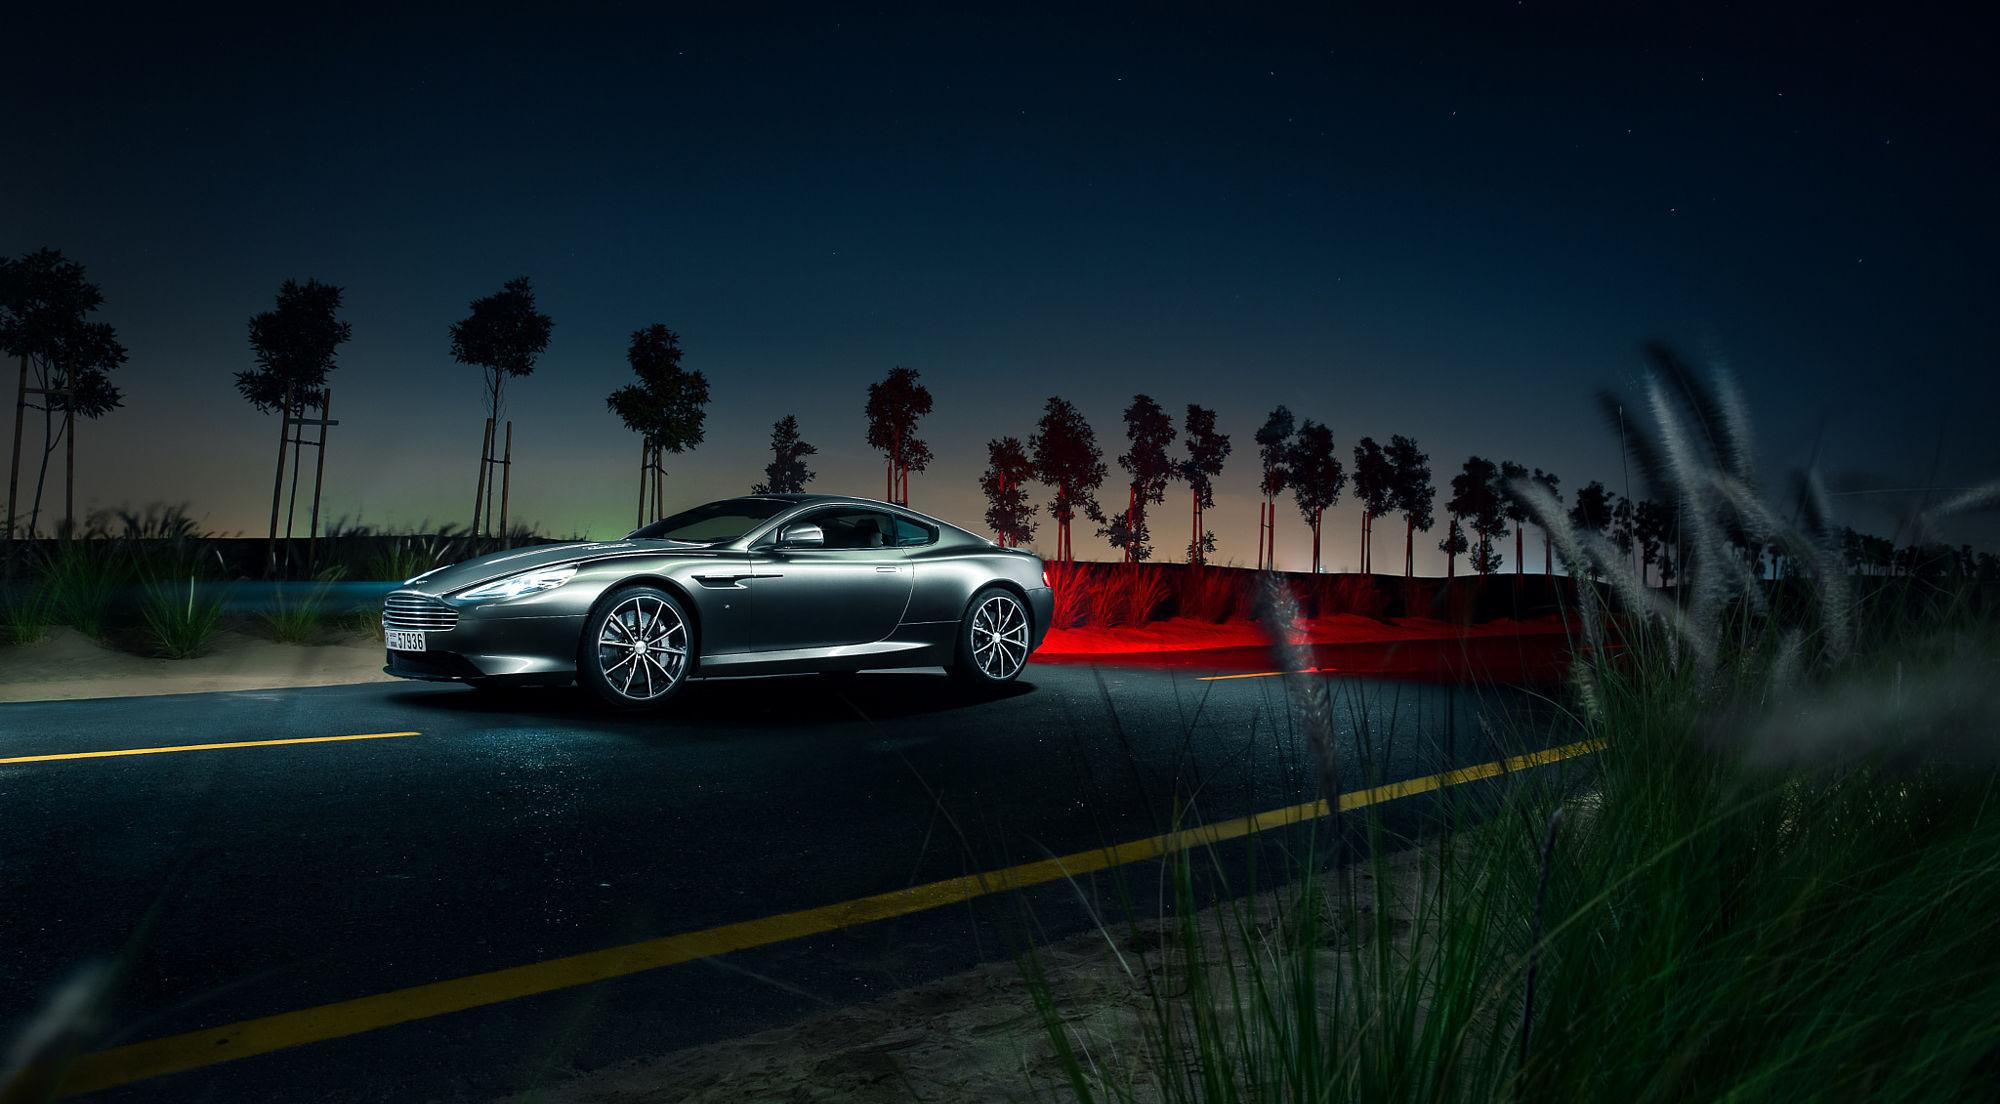 59553 скачать обои Тачки (Cars), Астон Мартин (Aston Martin), Db9, Машины, Ночь, Дорога, Вид Сбоку - заставки и картинки бесплатно